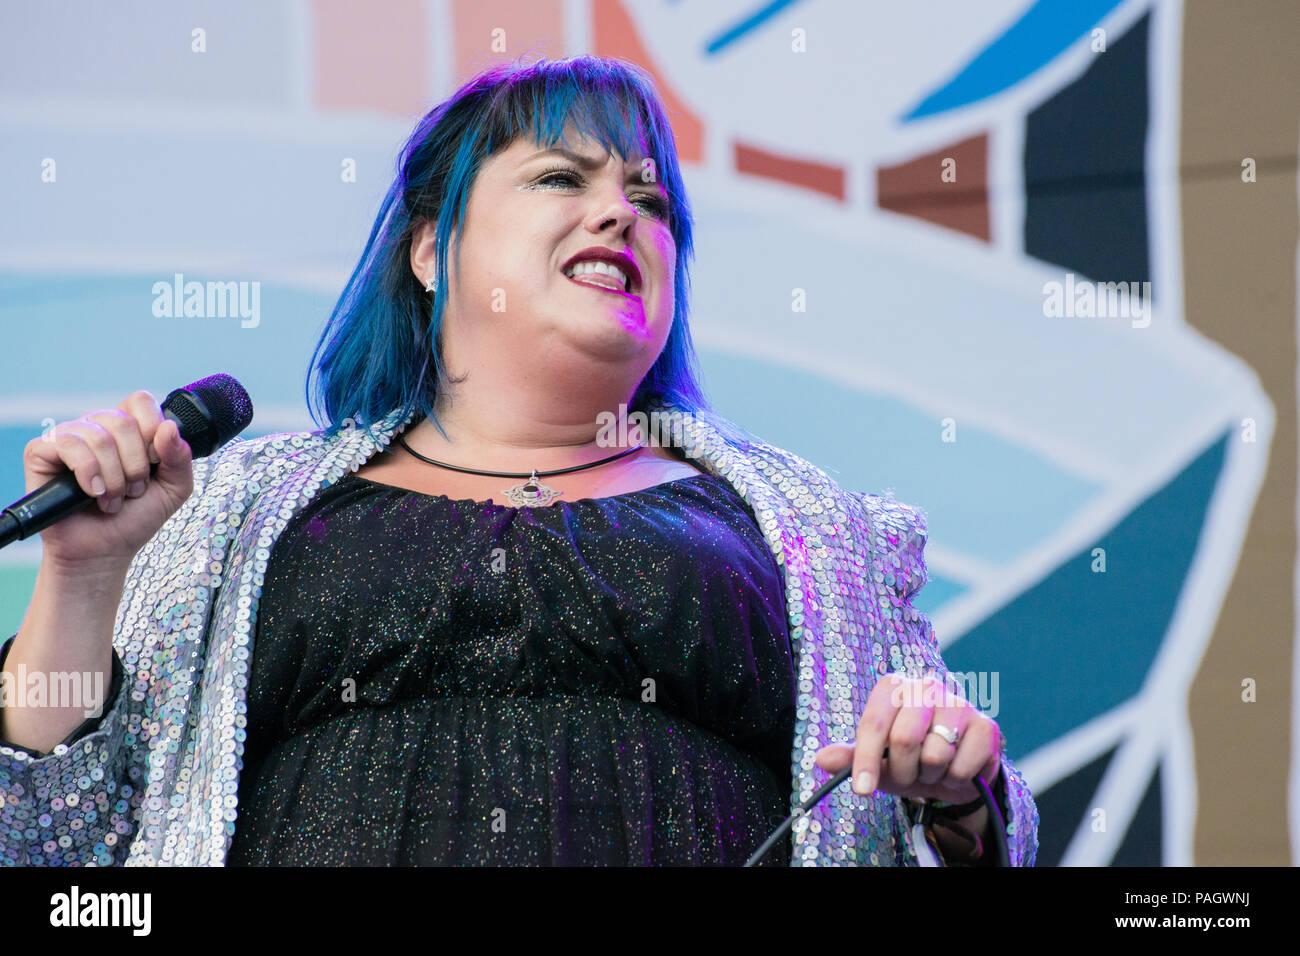 Pori, Finlandia. 21 de julio de 2018. Hannah Williams & las afirmaciones que actuarán en el festival aéreo abierto de Finlandia Pori Jazz. Crédito: Stefan Crämer/Alamy Live News Foto de stock